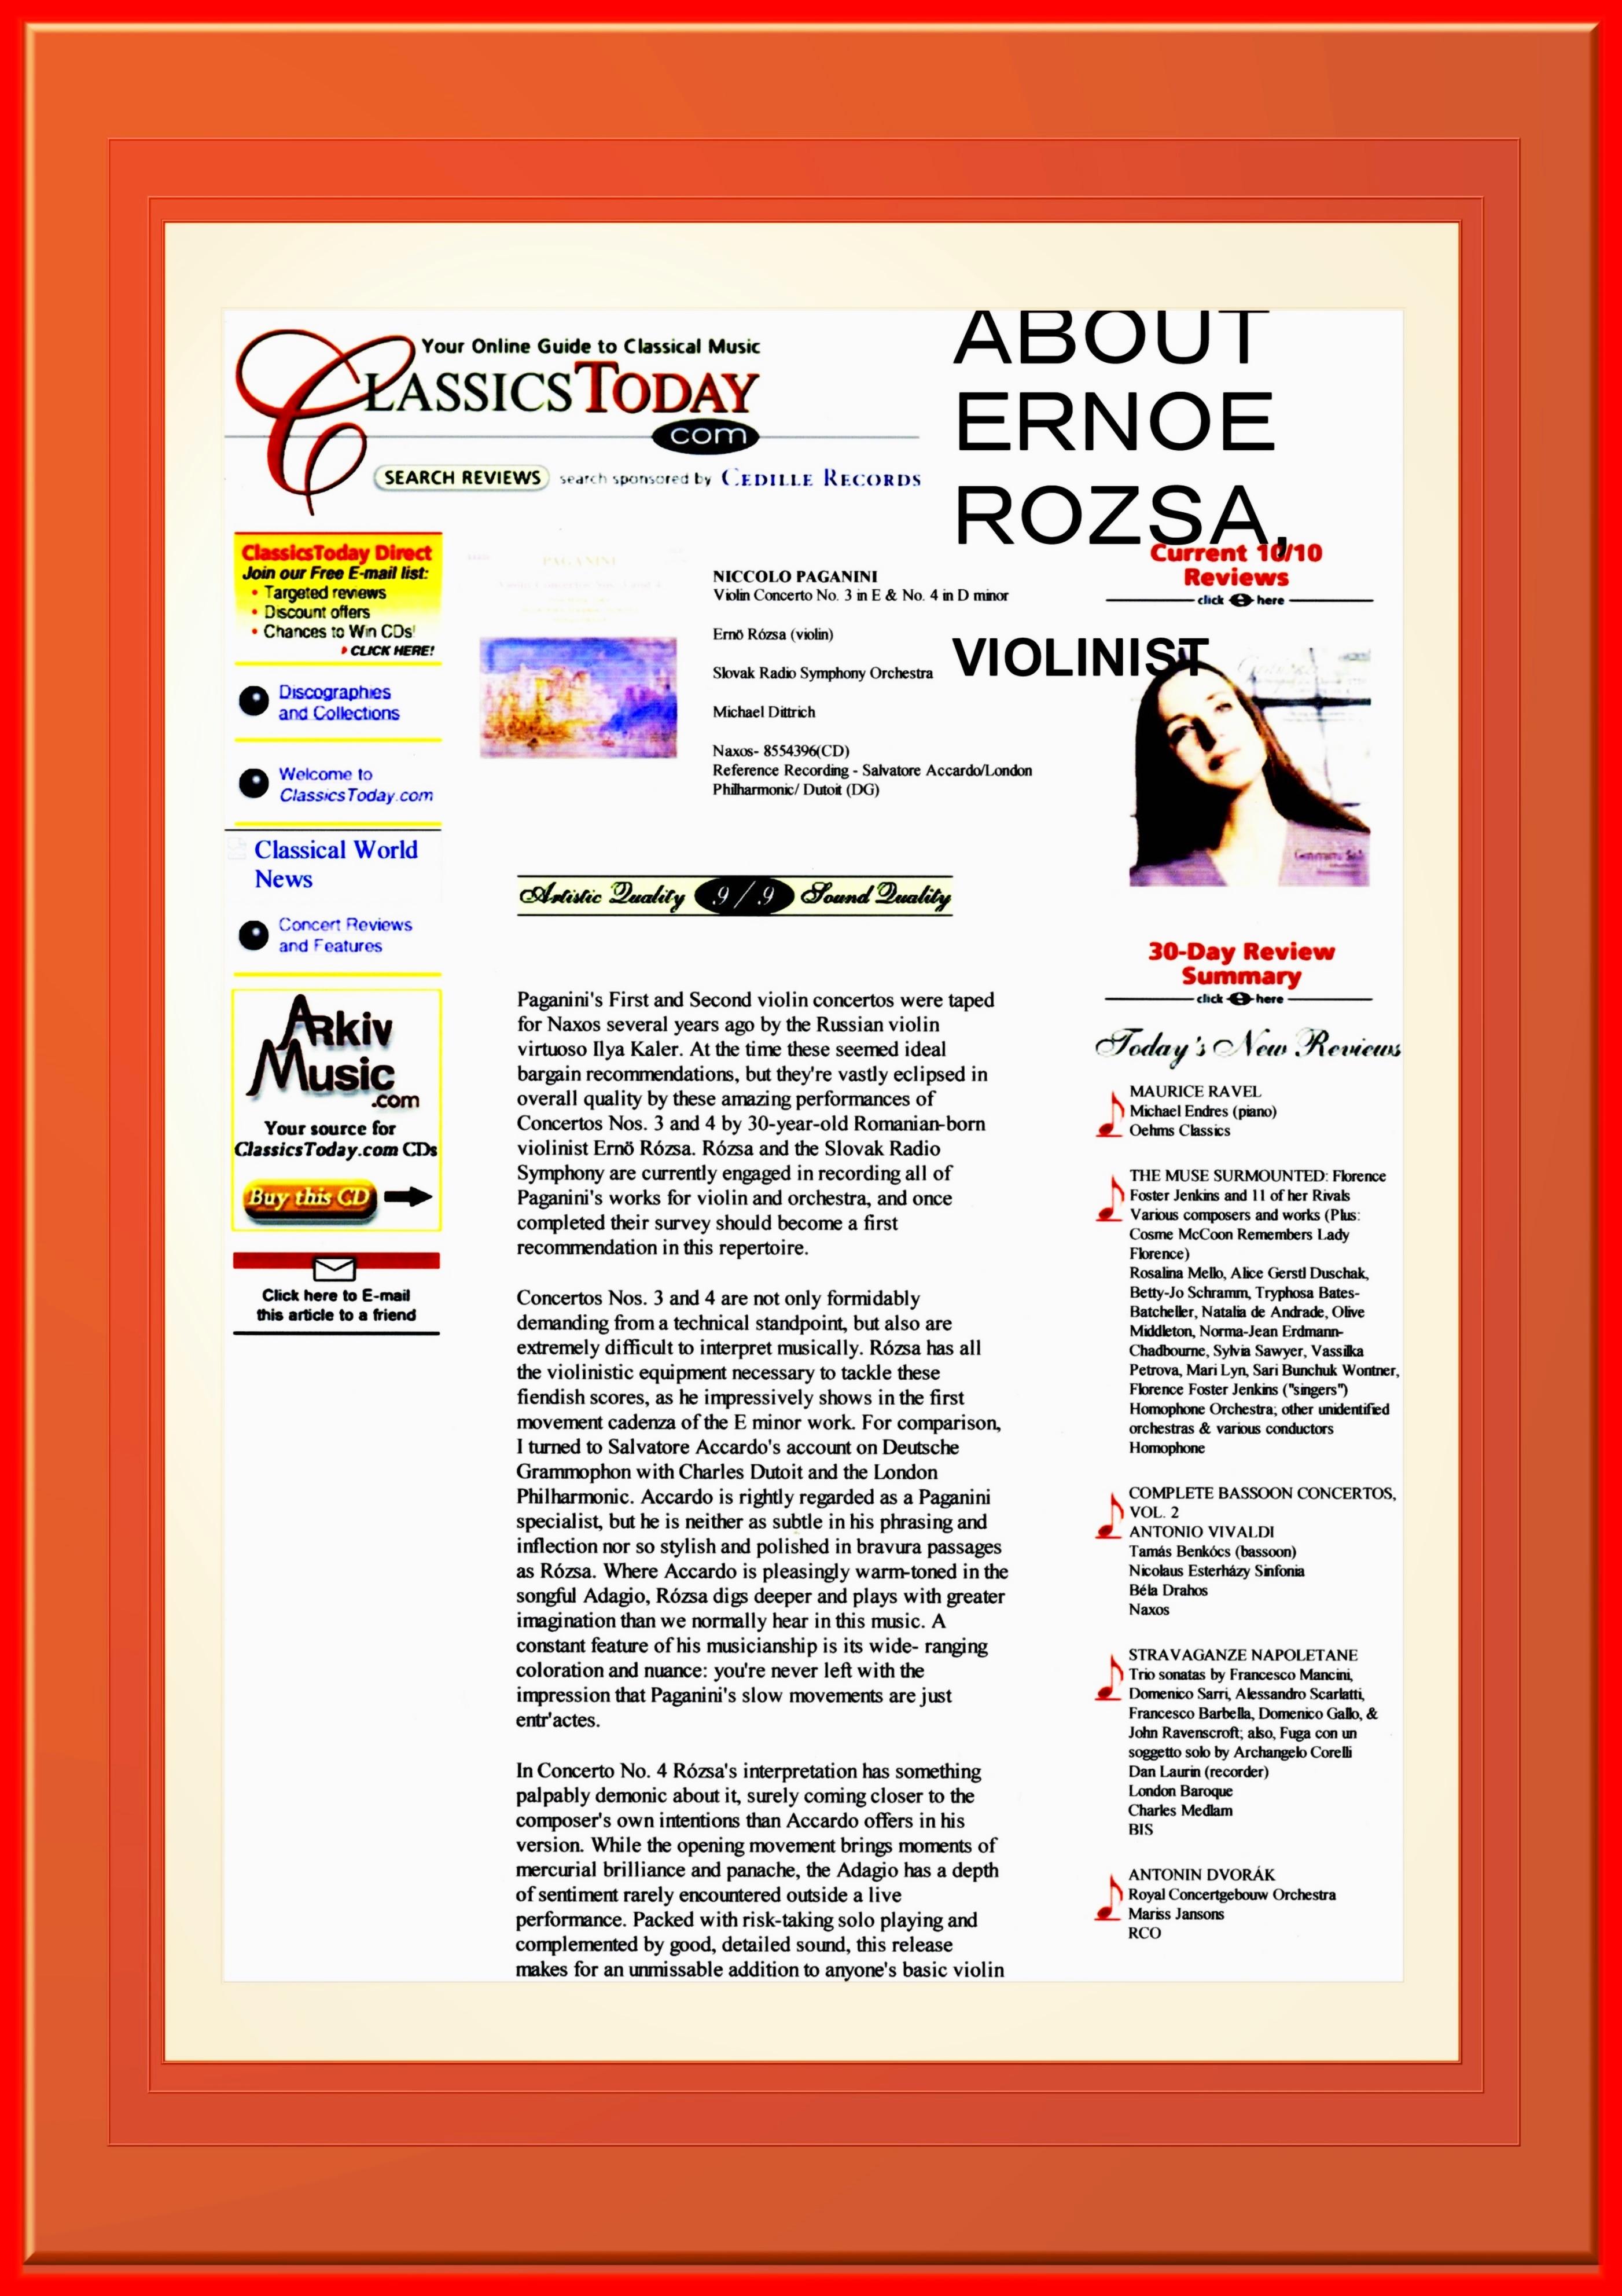 ernoe-rozsa-violin com